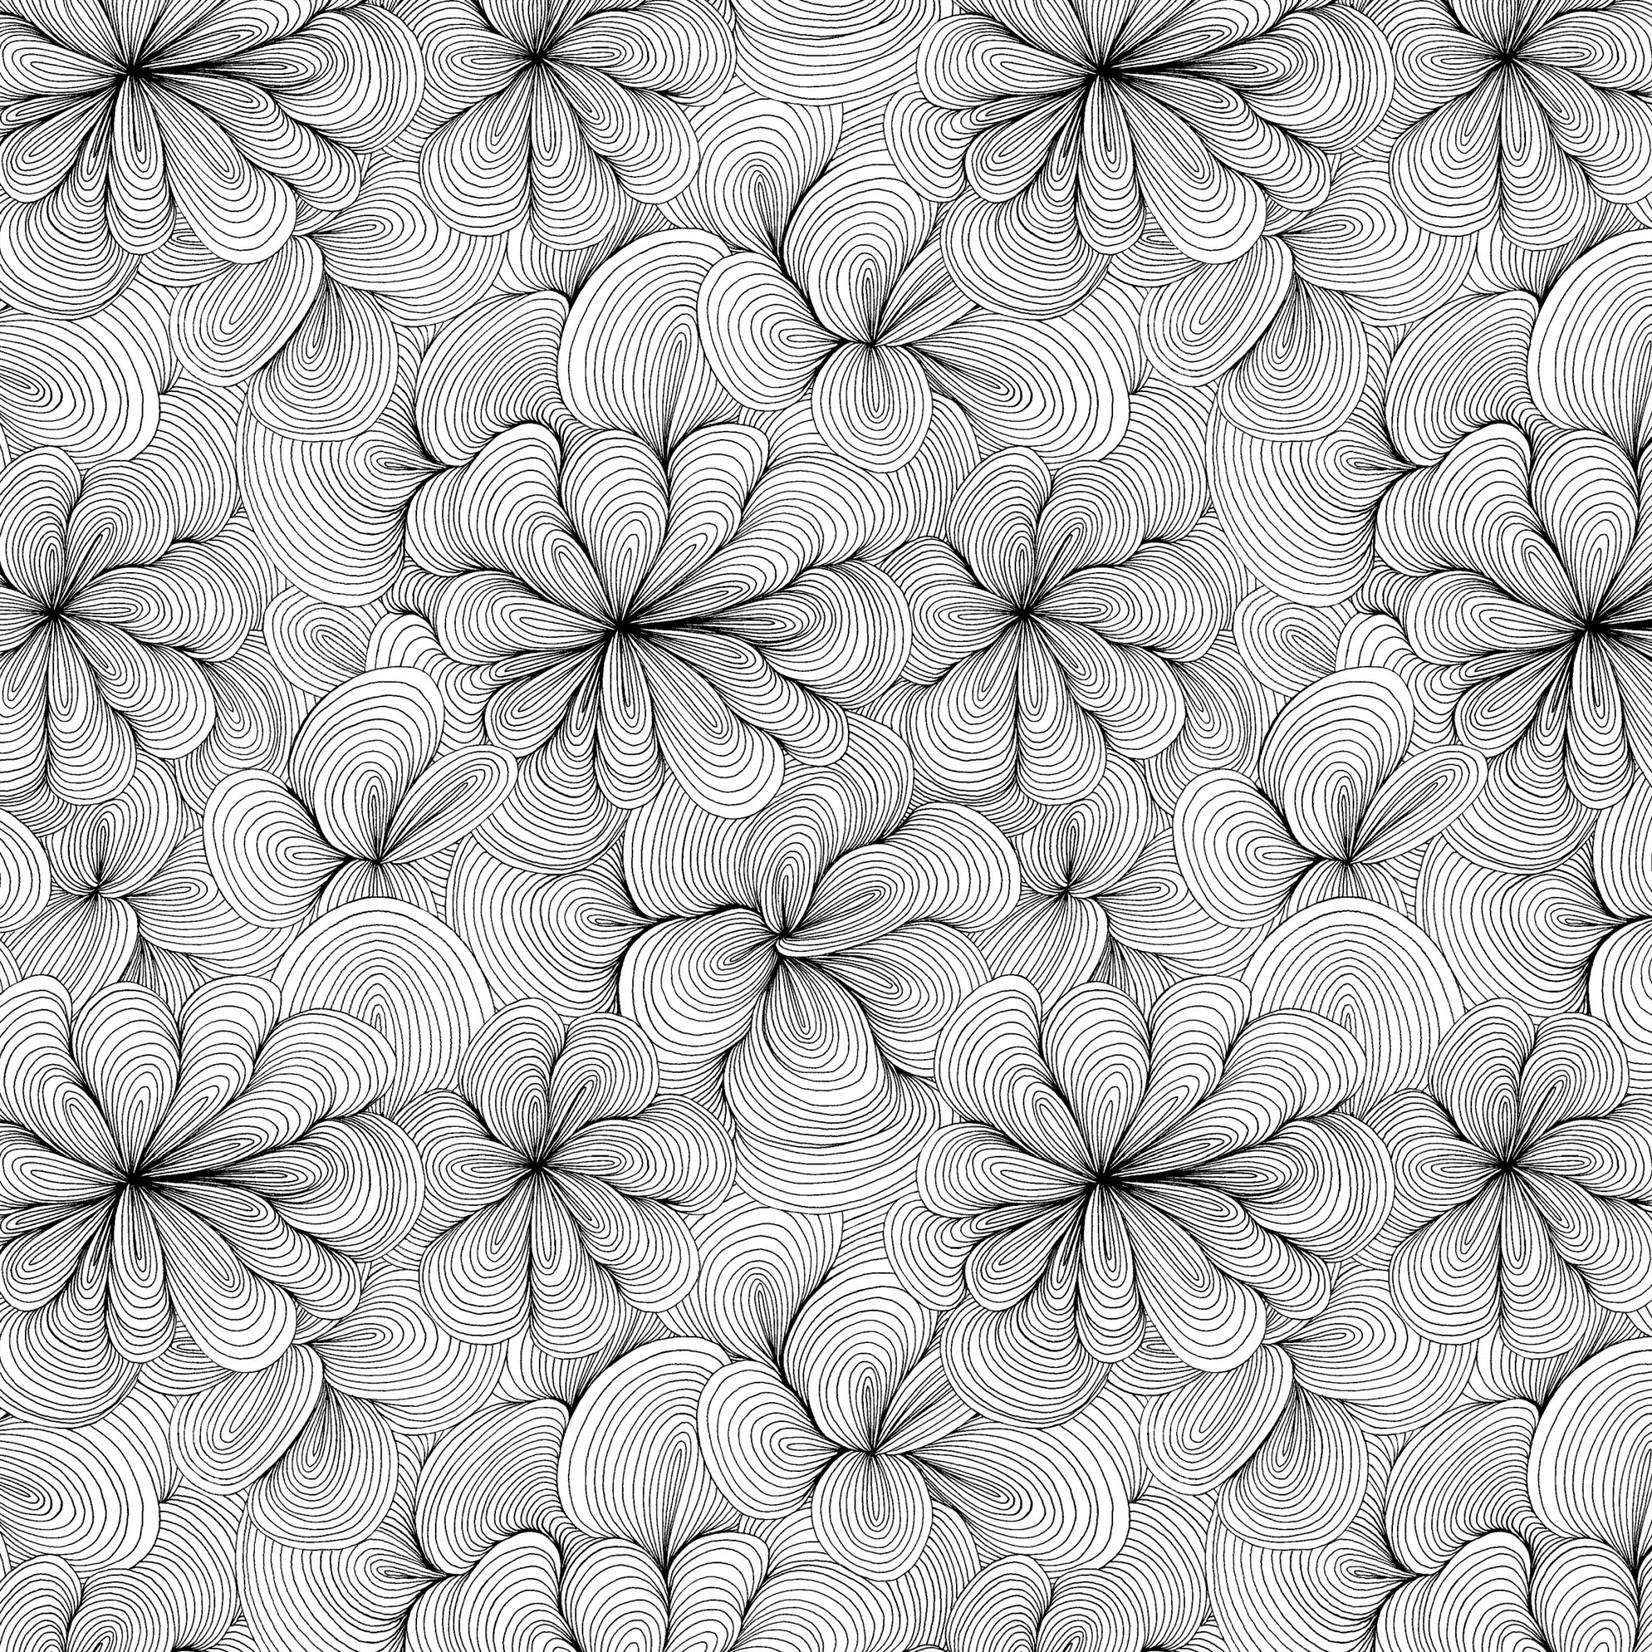 Windham Fabrics Home - Swirly - White